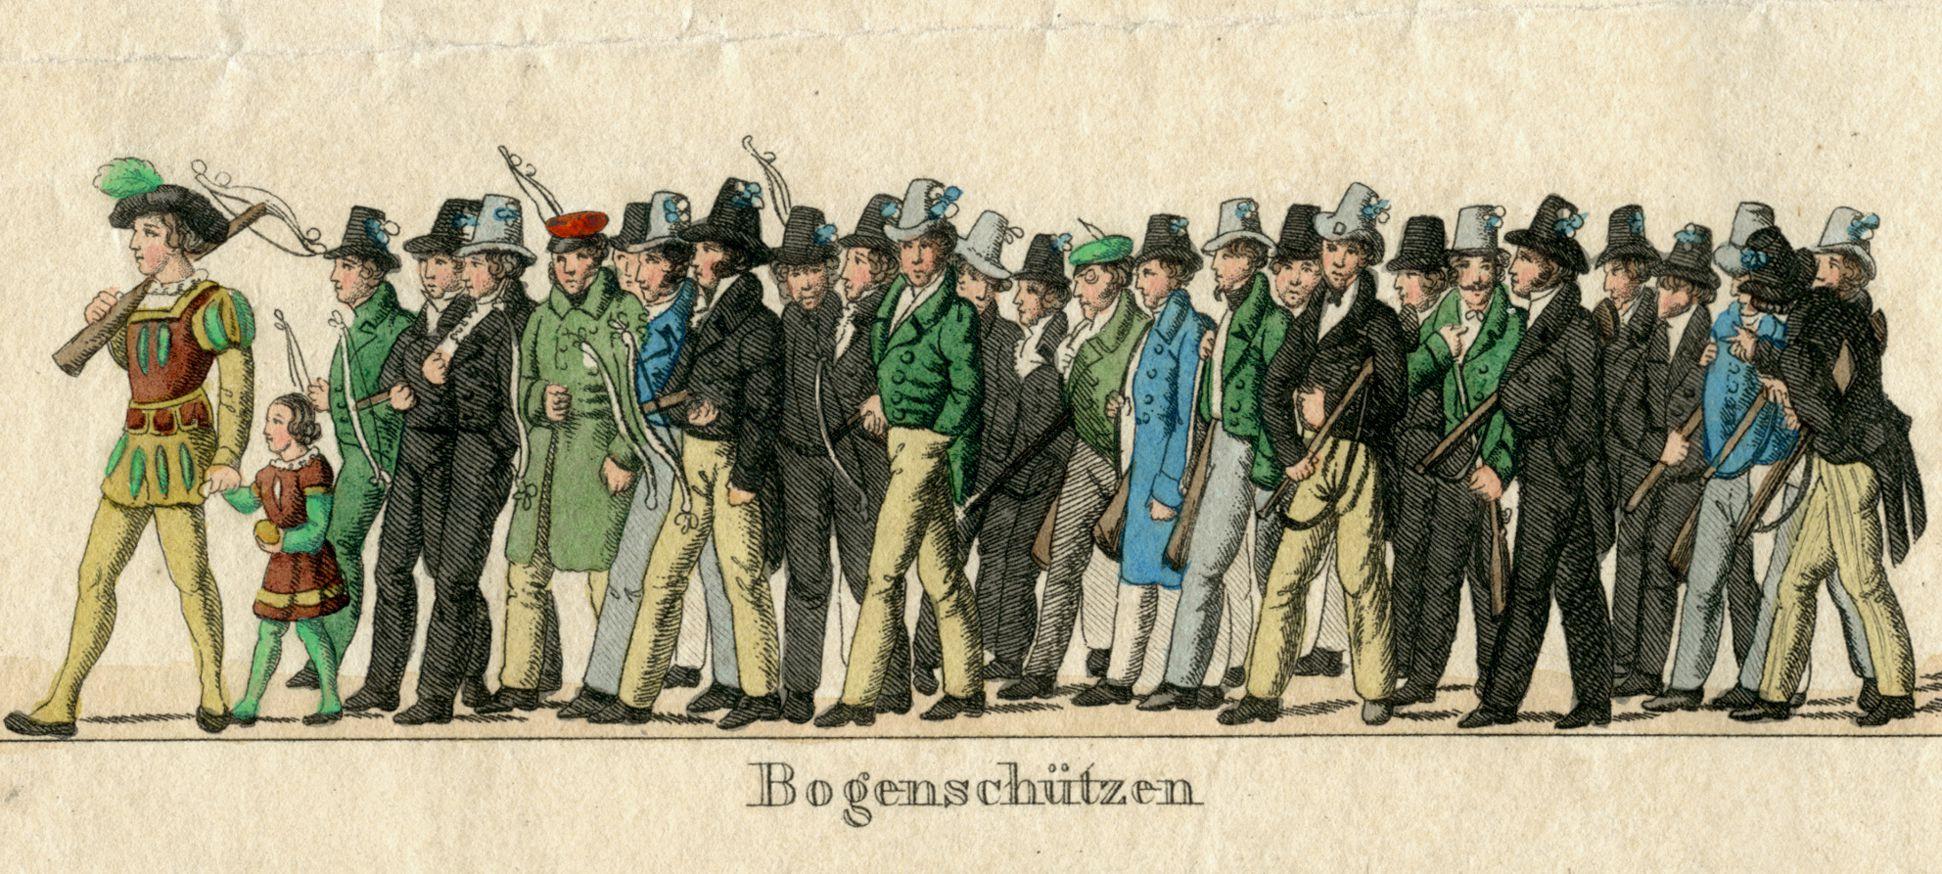 Das Volksfest in Nürnberg. II. dritte Zeile von oben, Bogenschützen